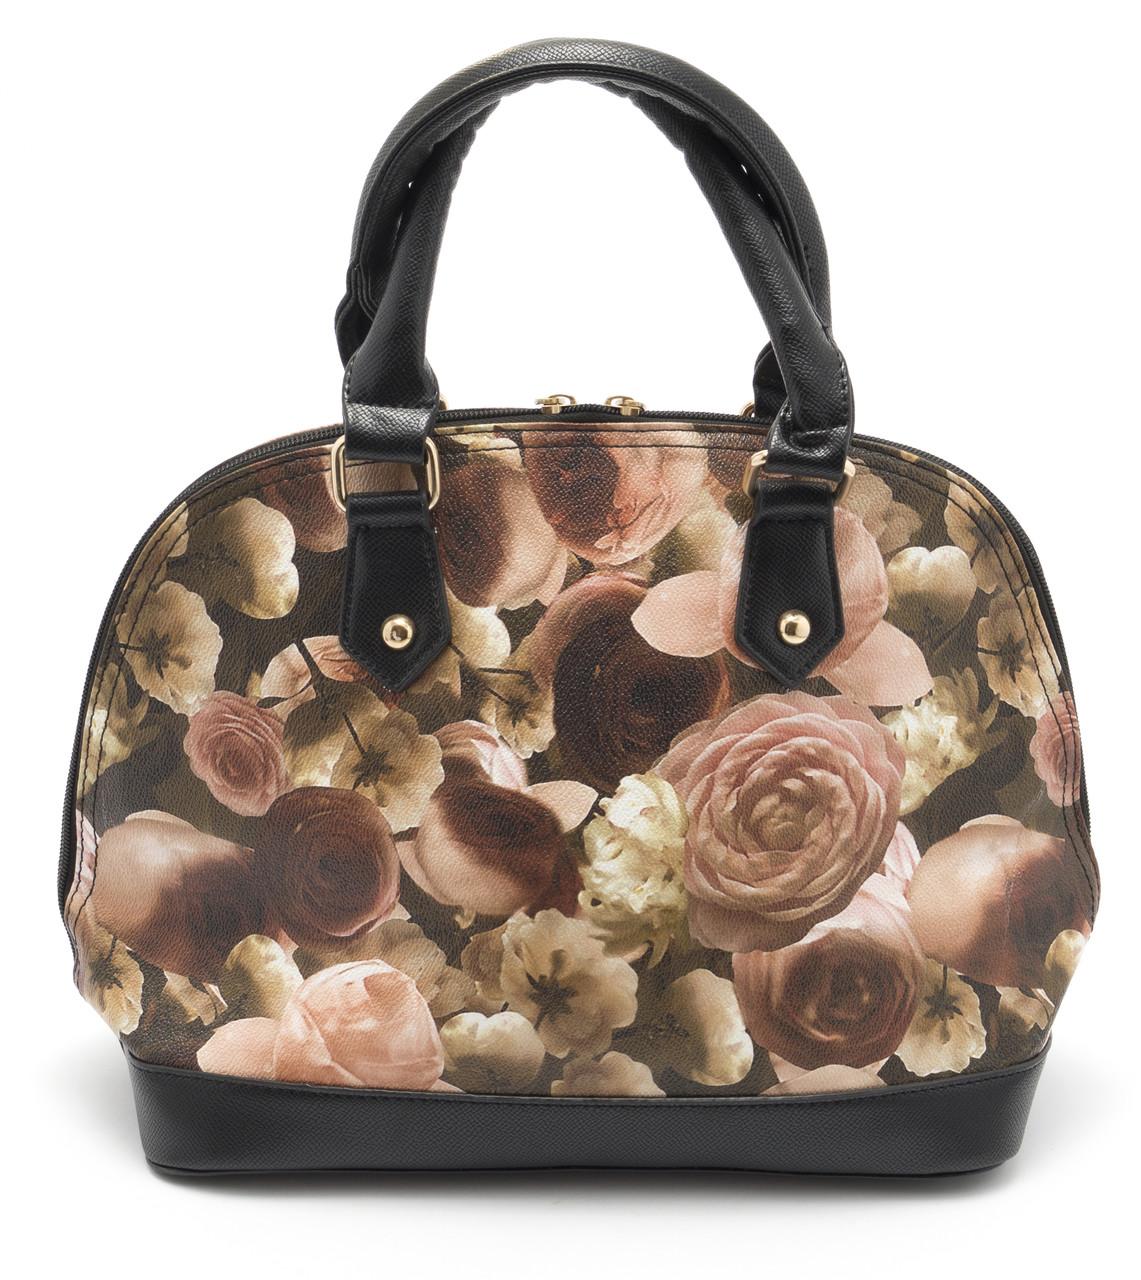 Стильная женская сумка с цветочным принтом Б/Н art. 1359-1 светлая